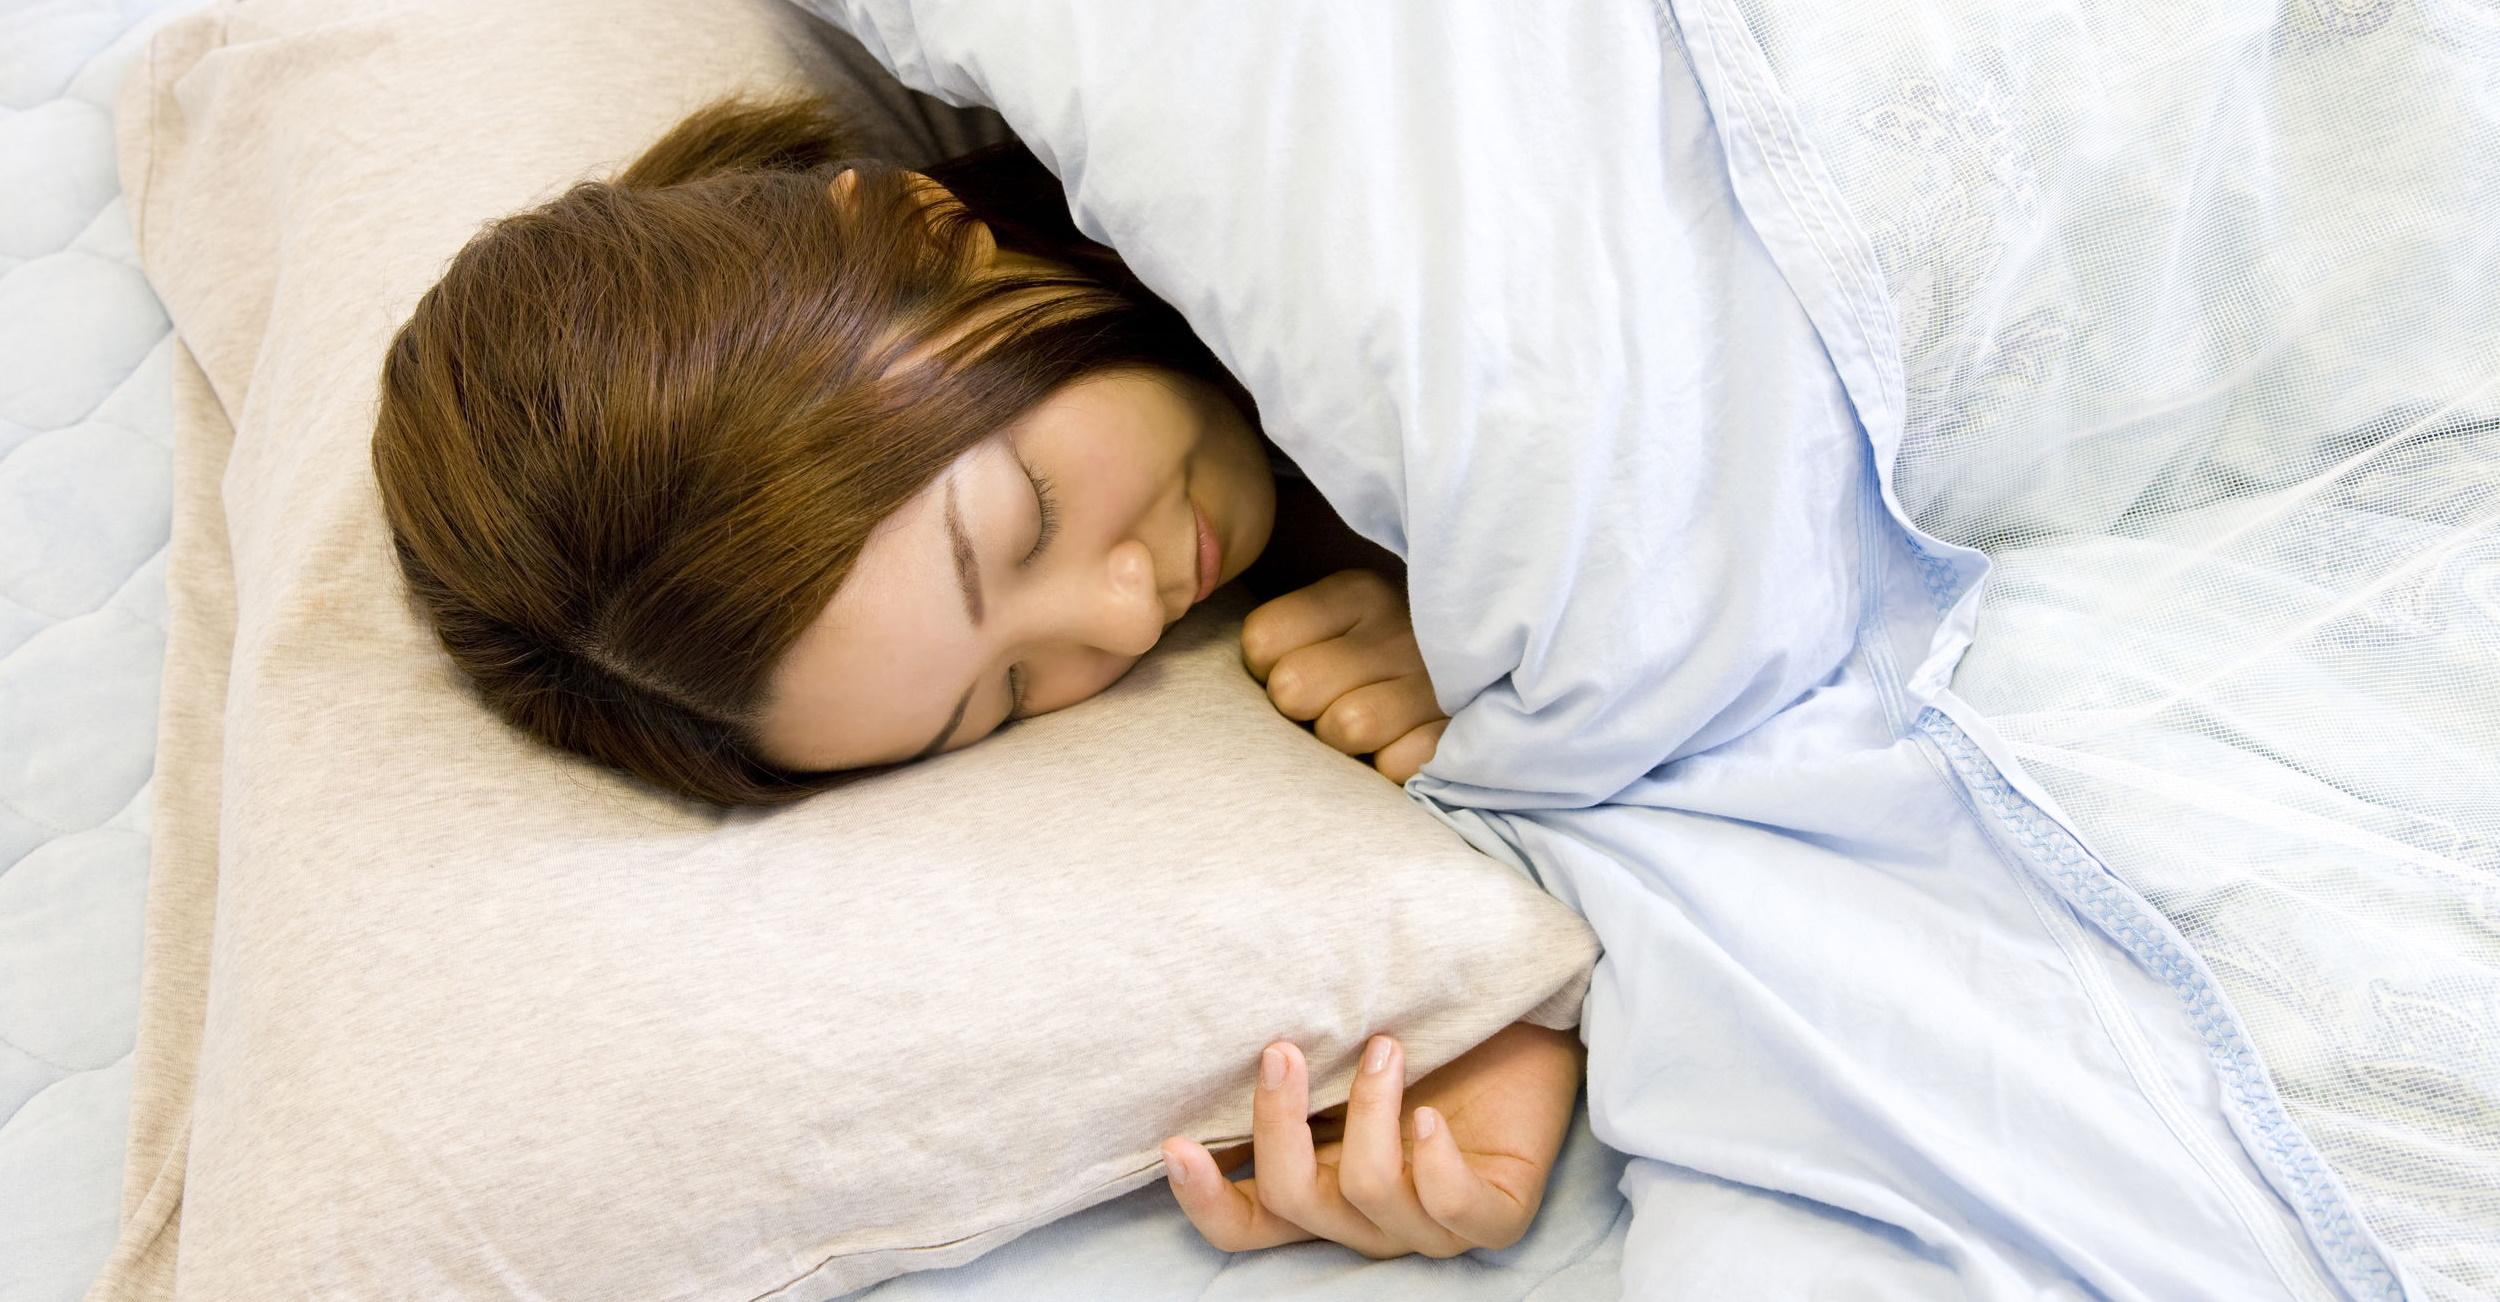 ストレス&疲労を溜めないために!忙しい人必見の睡眠&気分転換のコツ